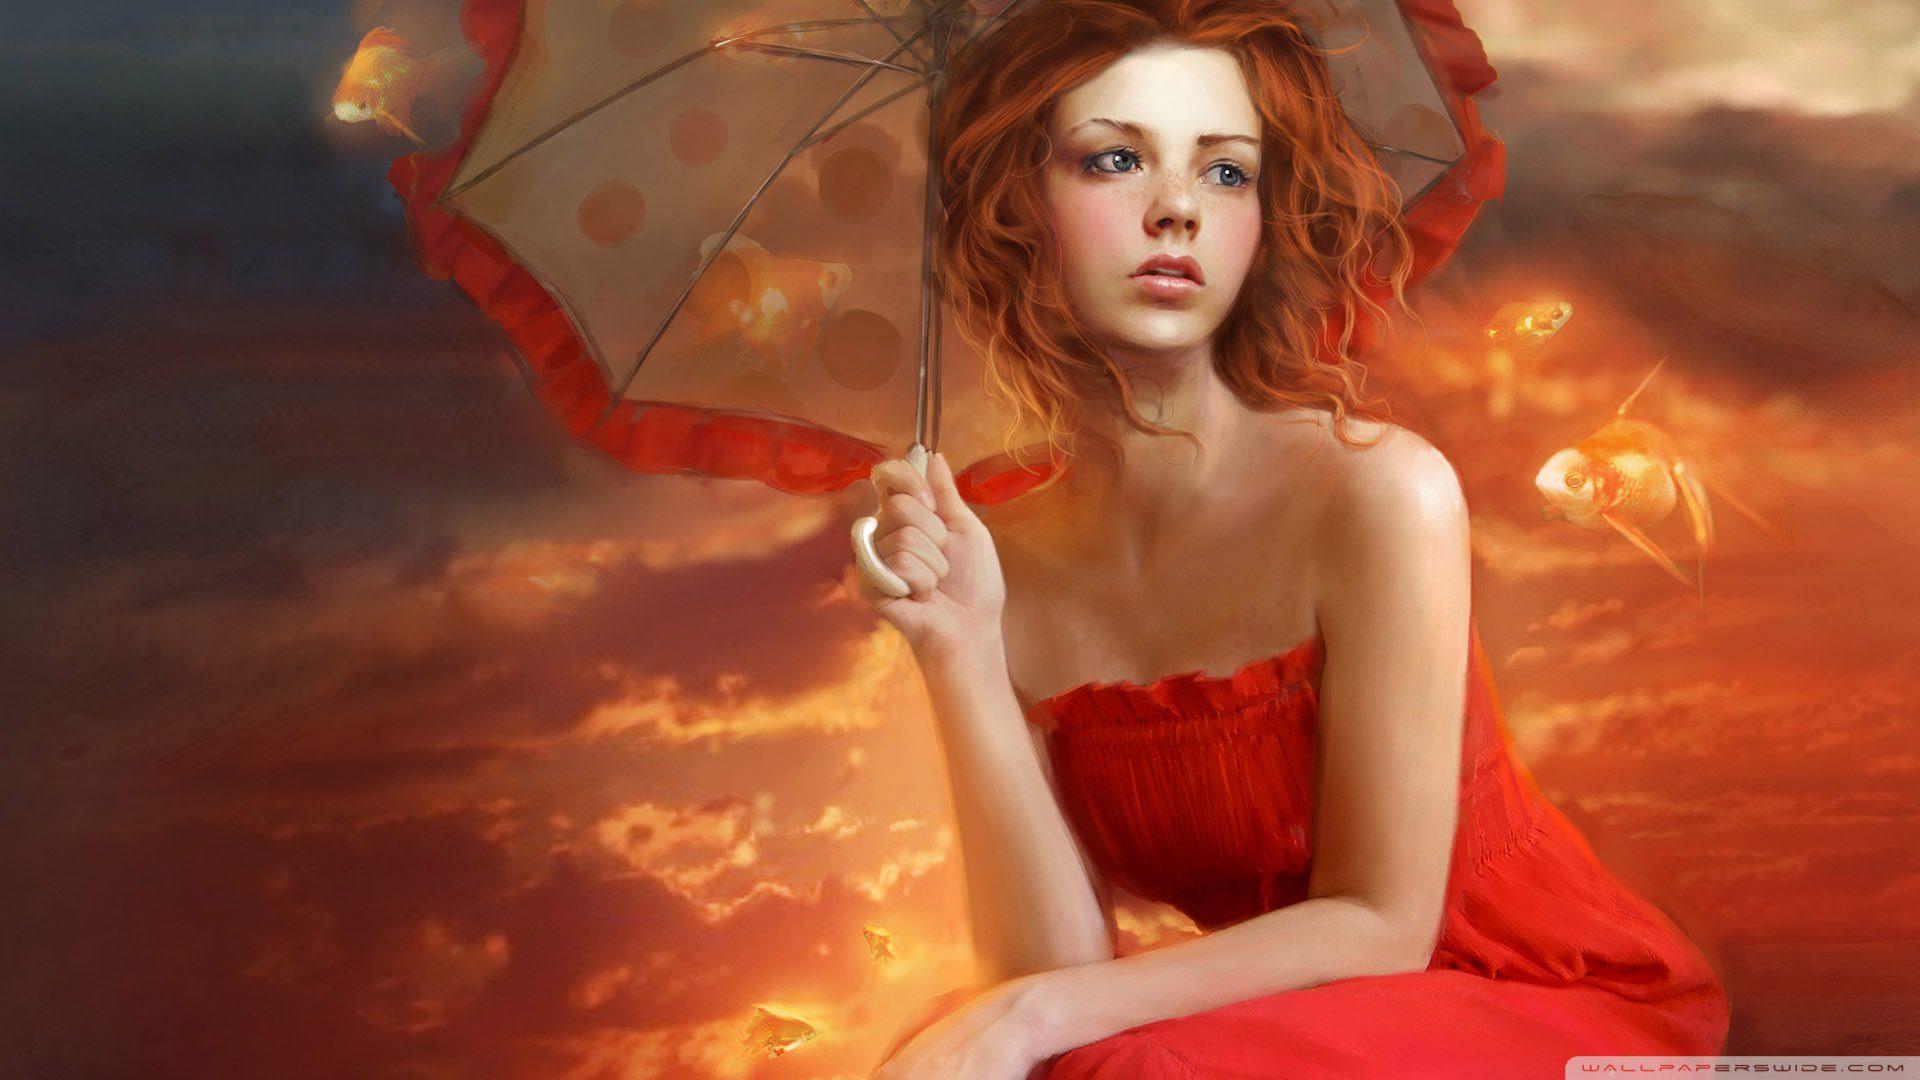 20 Women Paintings Jpg Download